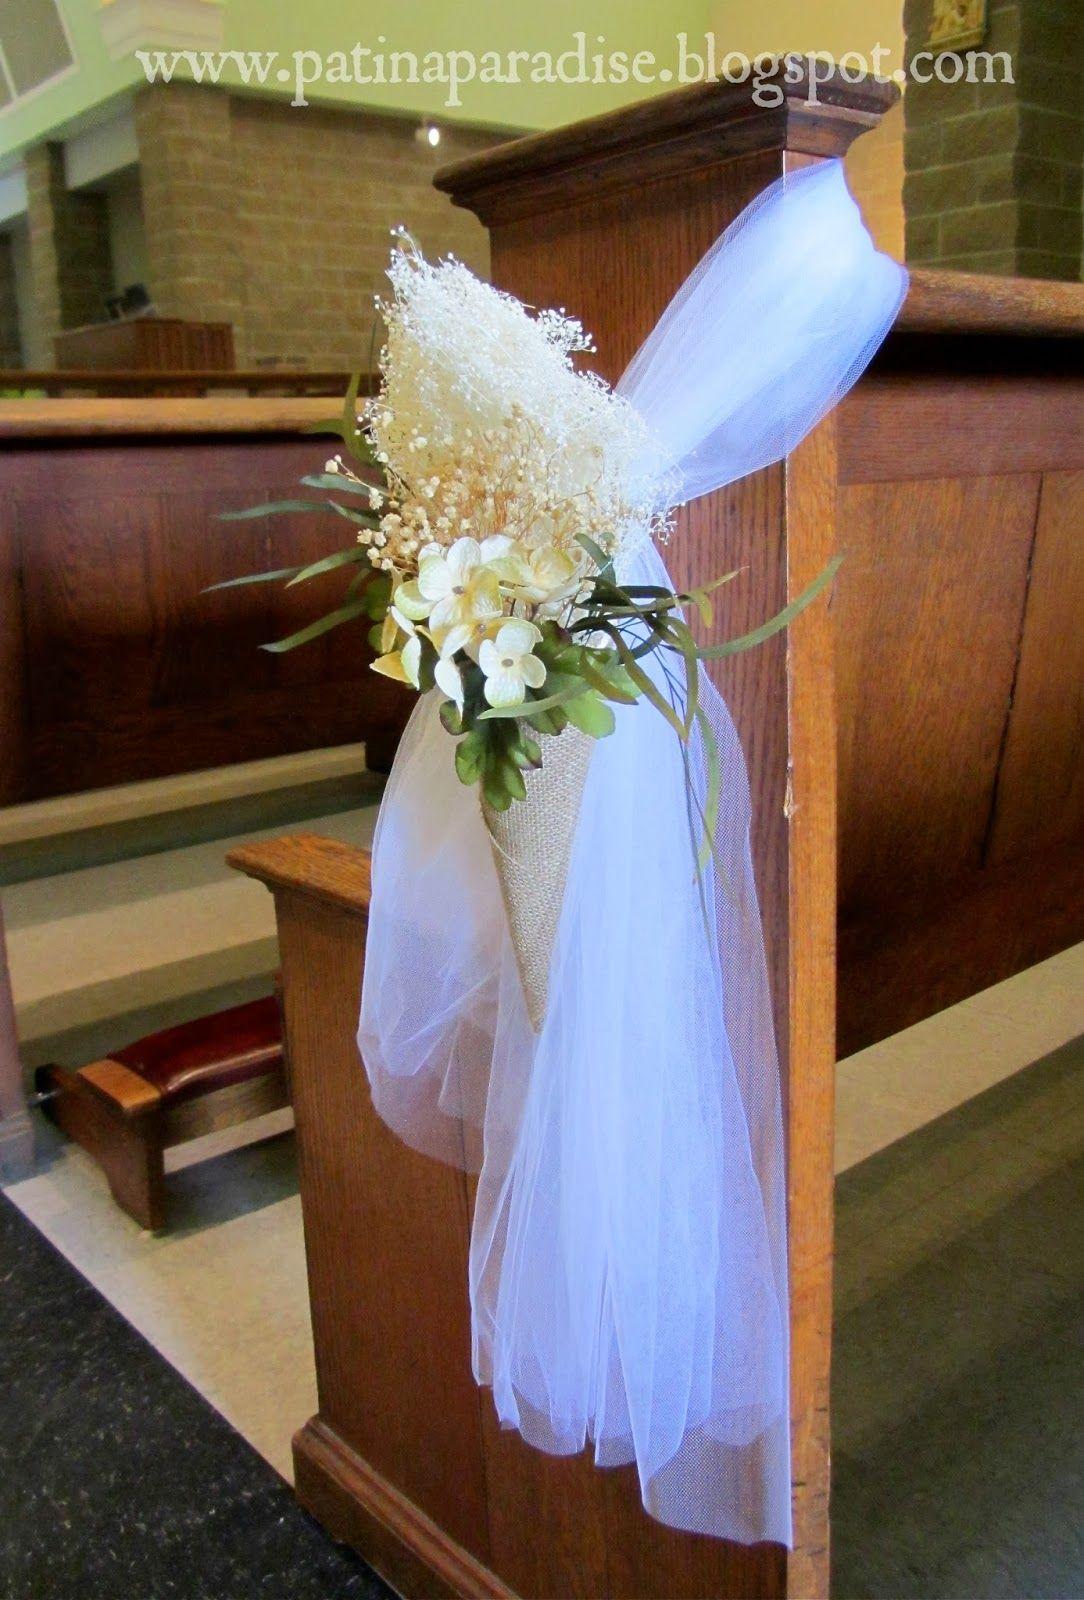 Fall Wedding Ideas: DIY Reception Table Decor | Church pew wedding ...